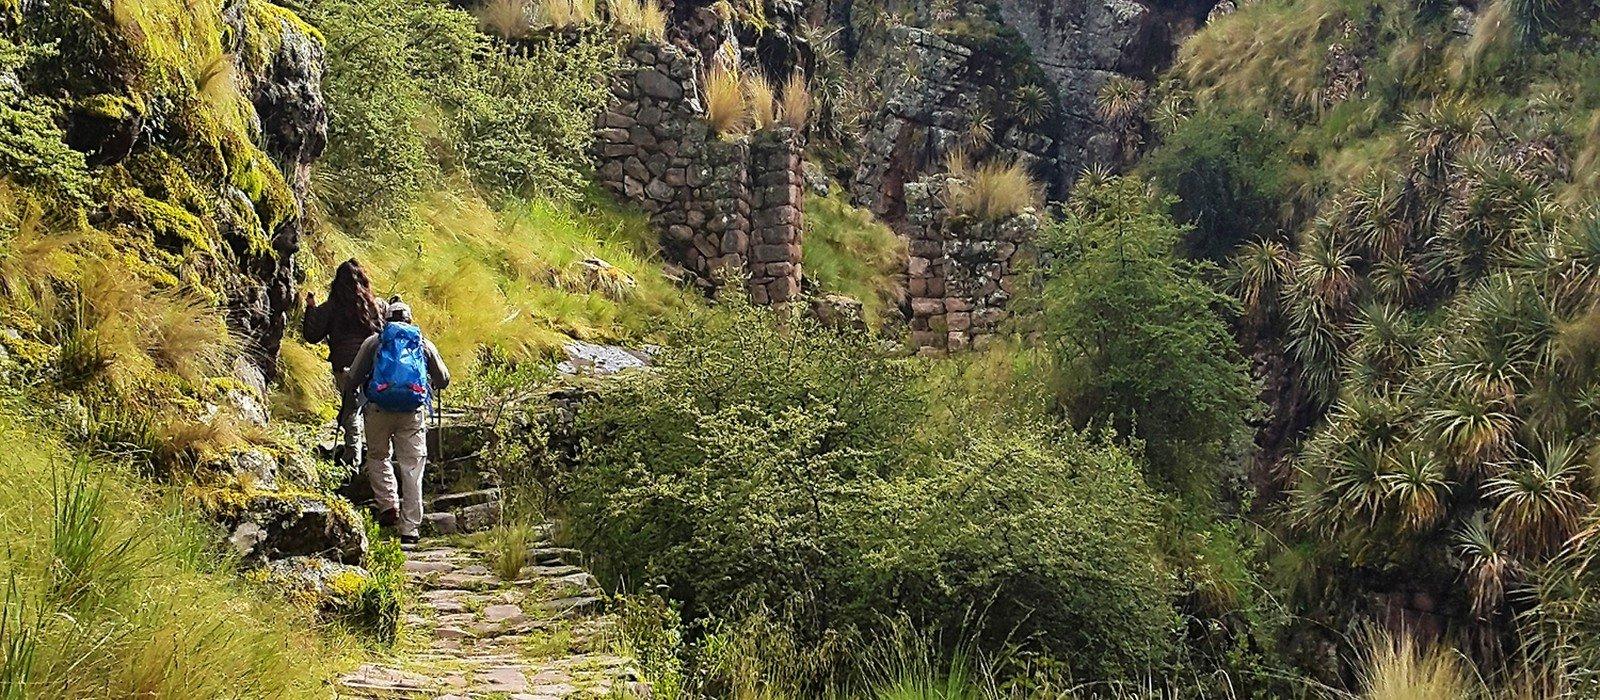 Huchuy Qosqo Hike